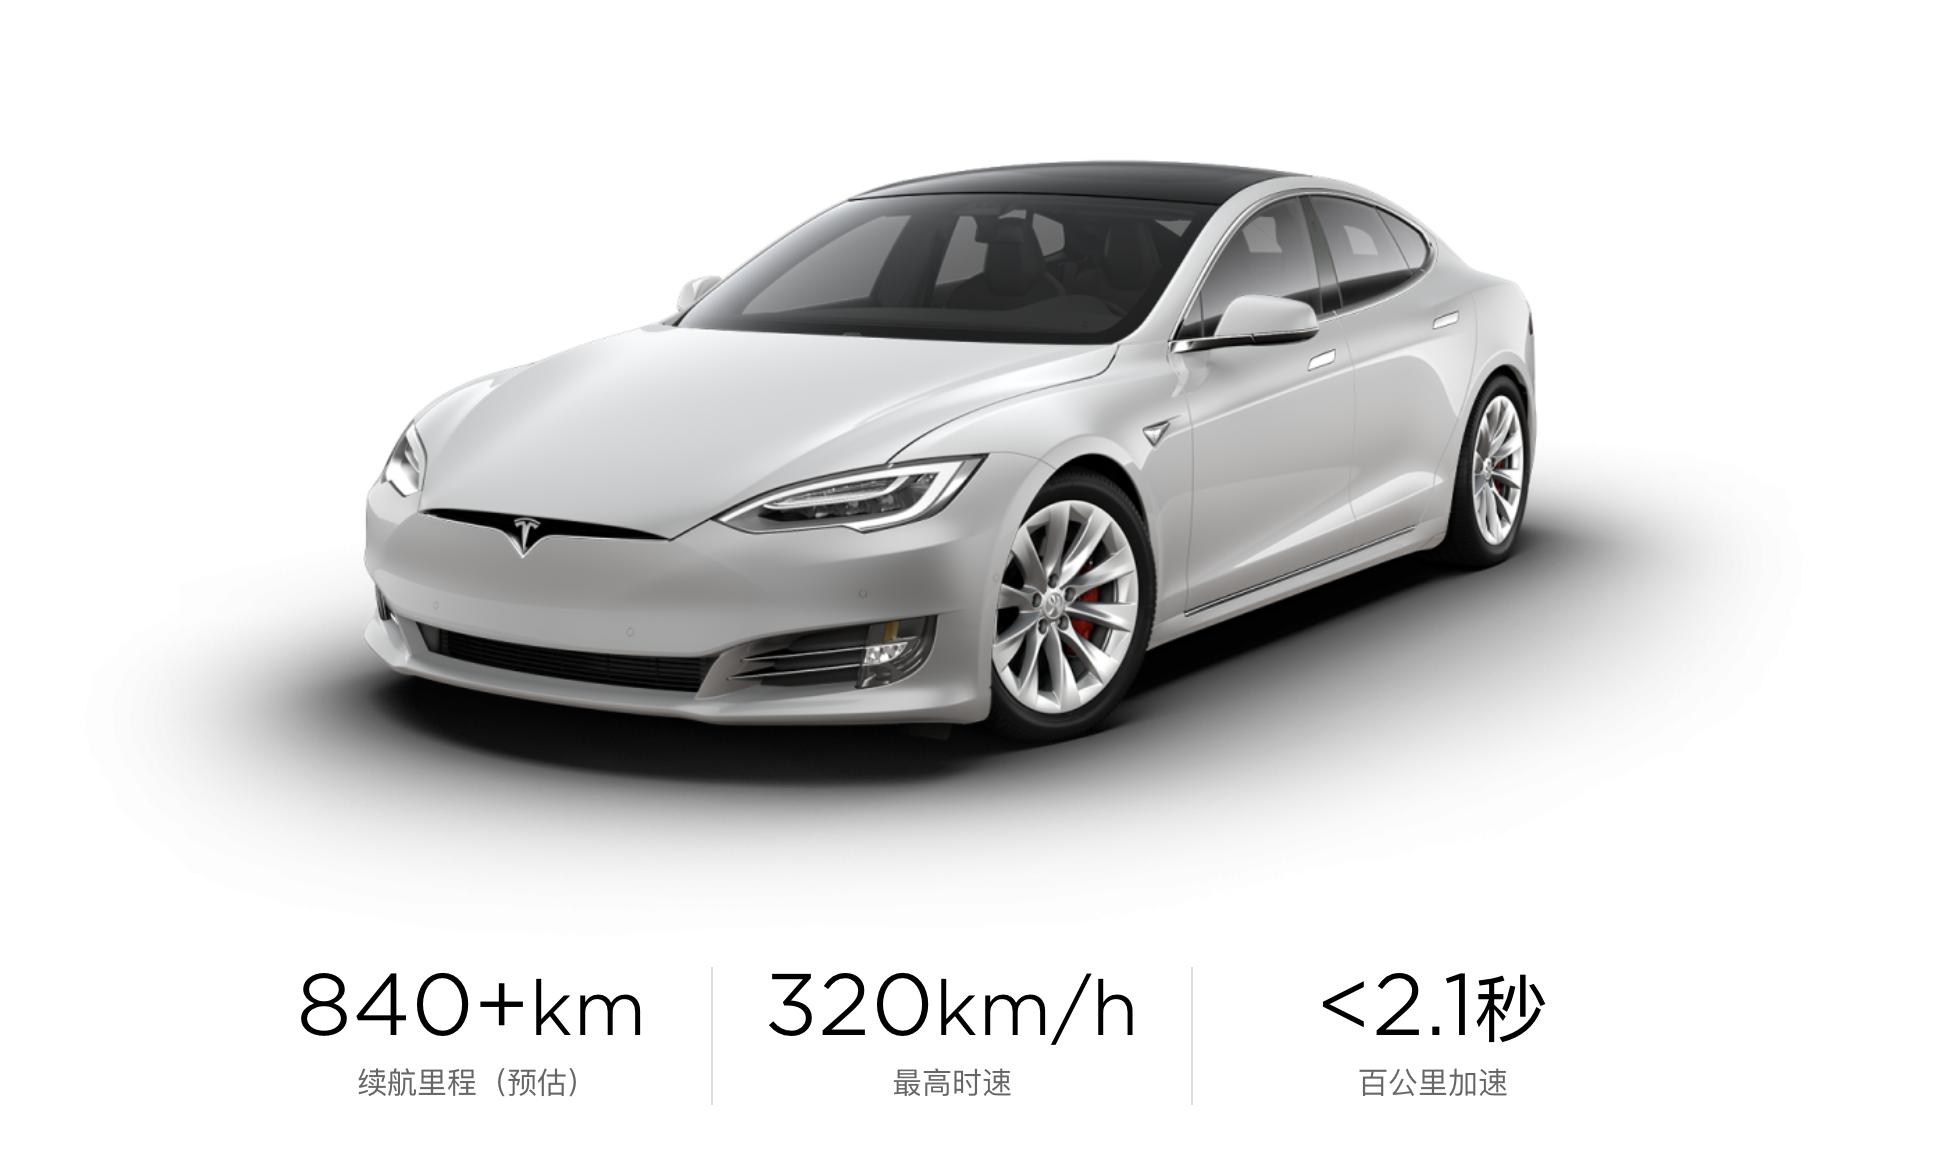 2s 内破百续航 832km,特斯拉 Model S Plaid 版本接受预定